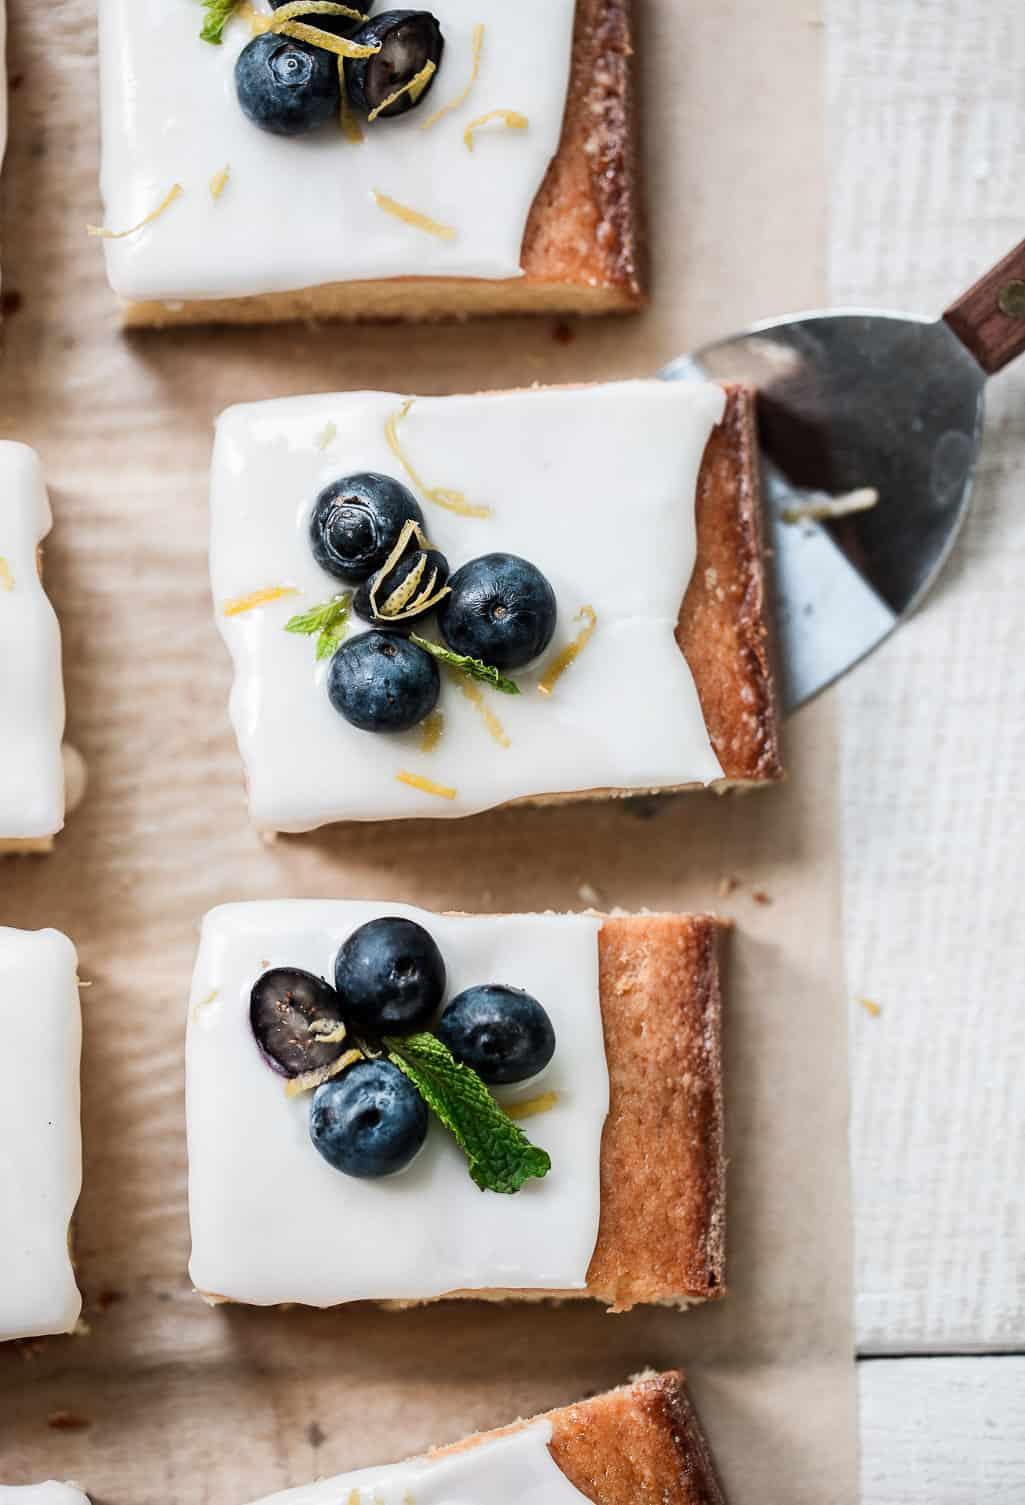 Blueberry Lemon Sheet Cake with Mascarpone